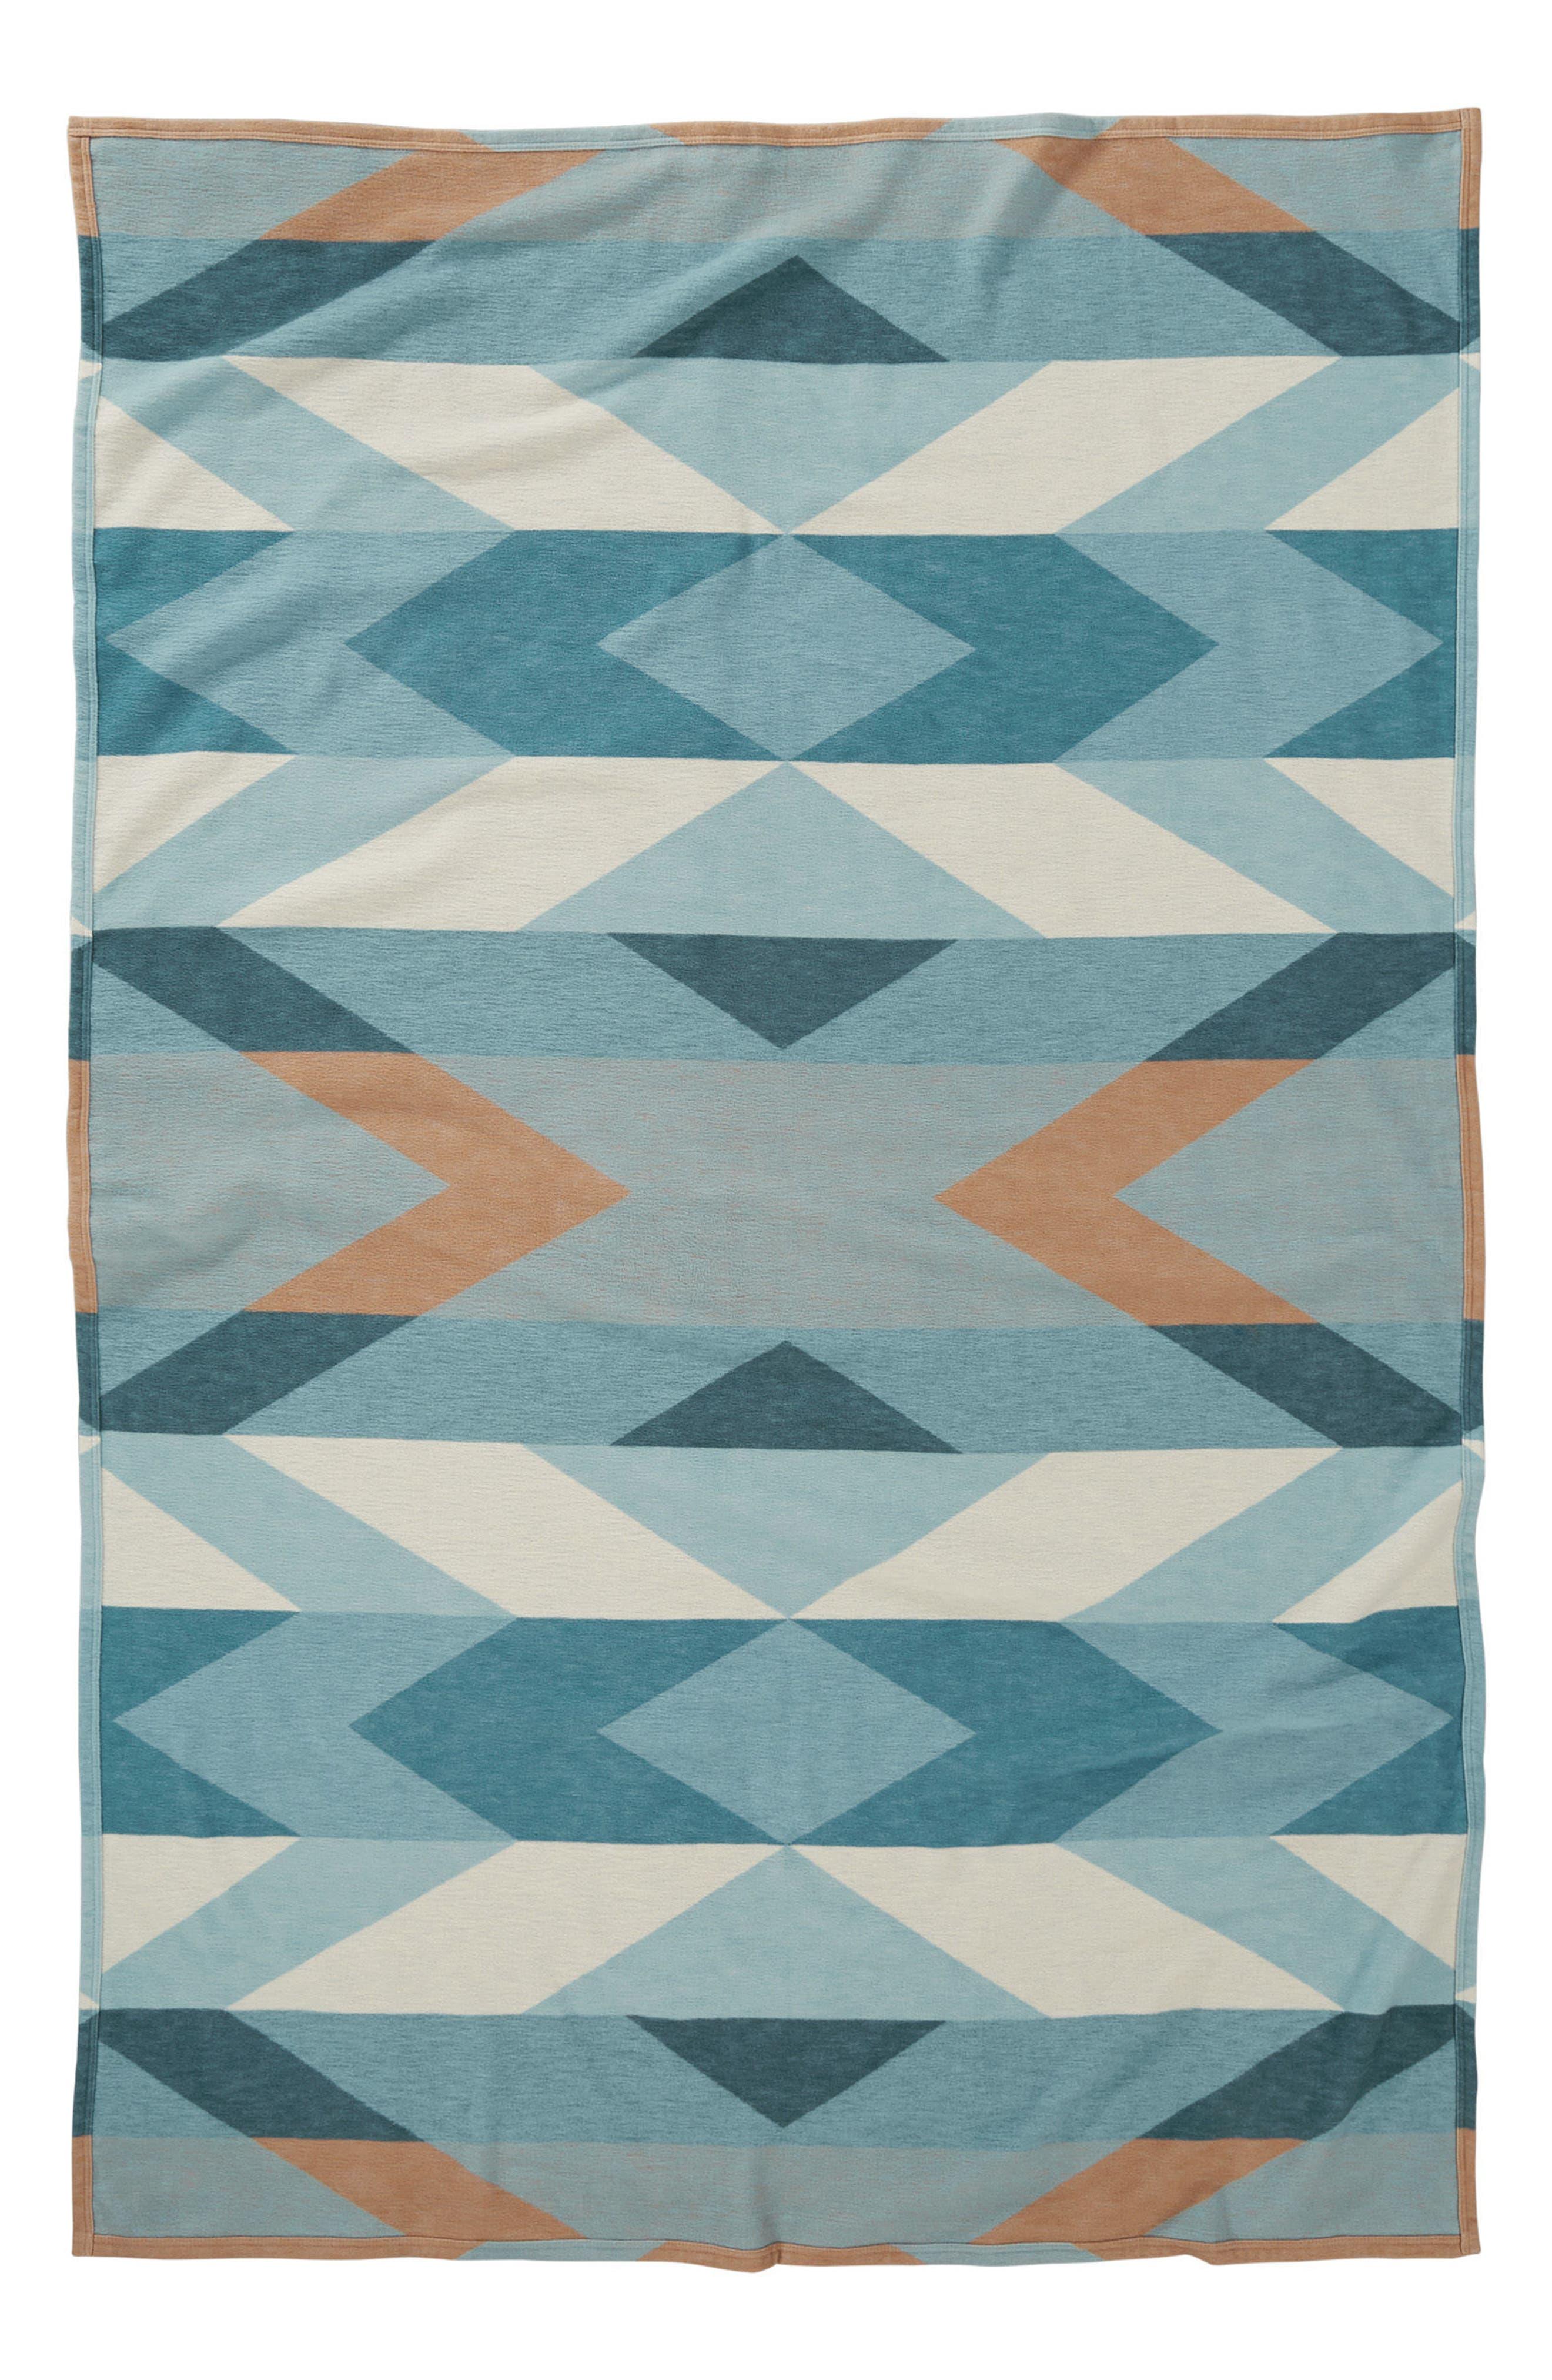 Pima Canyon Throw Blanket,                             Alternate thumbnail 2, color,                             400